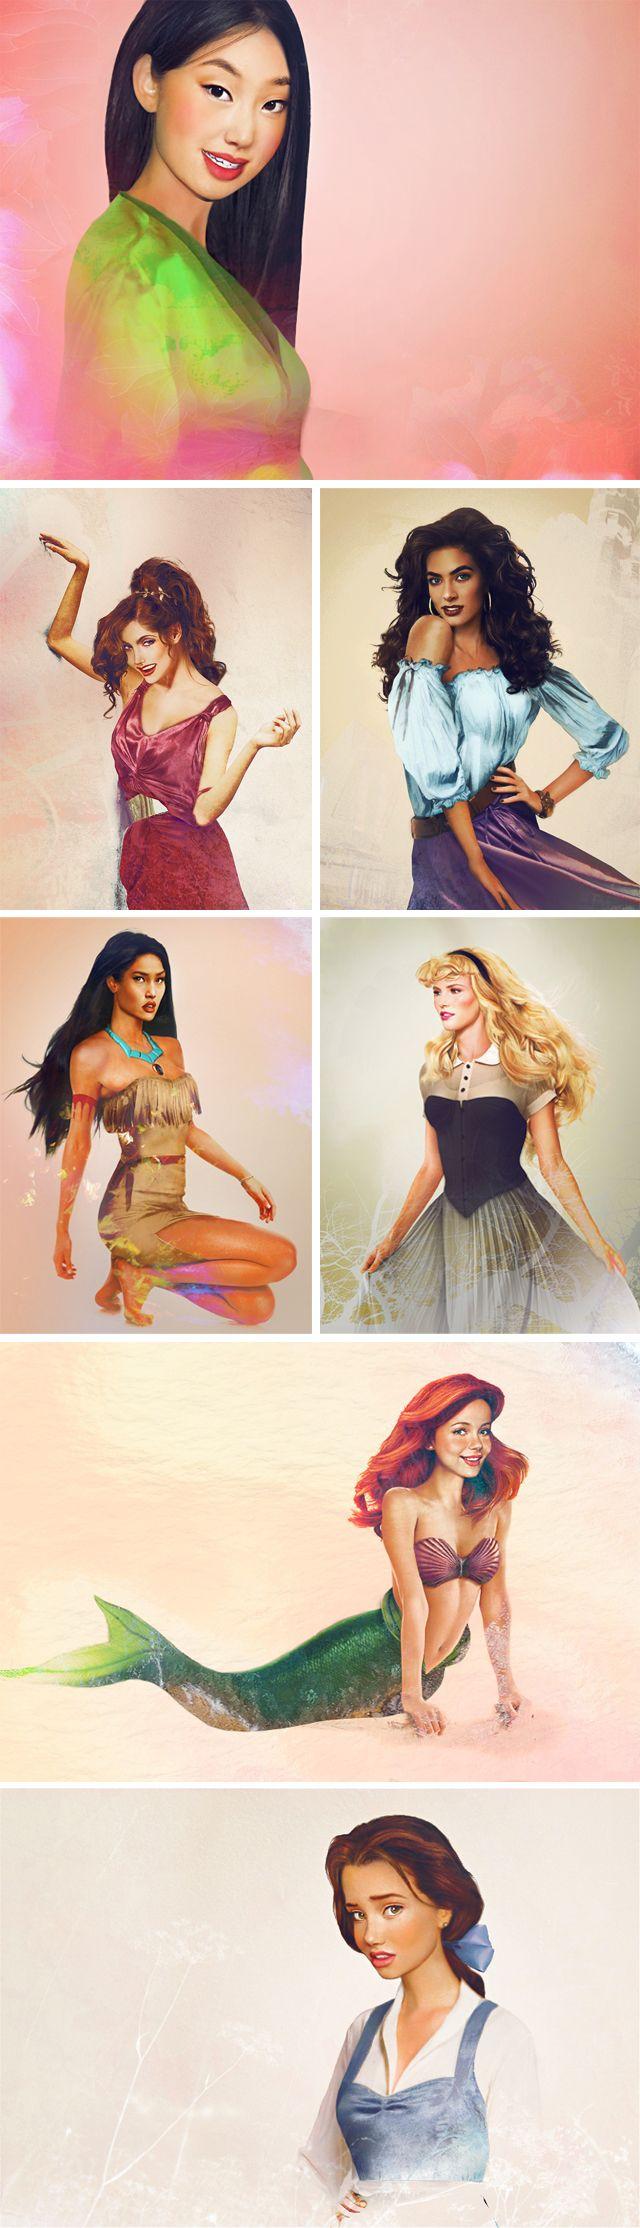 Disney Princesses: Photos Realistic, Disney Princess